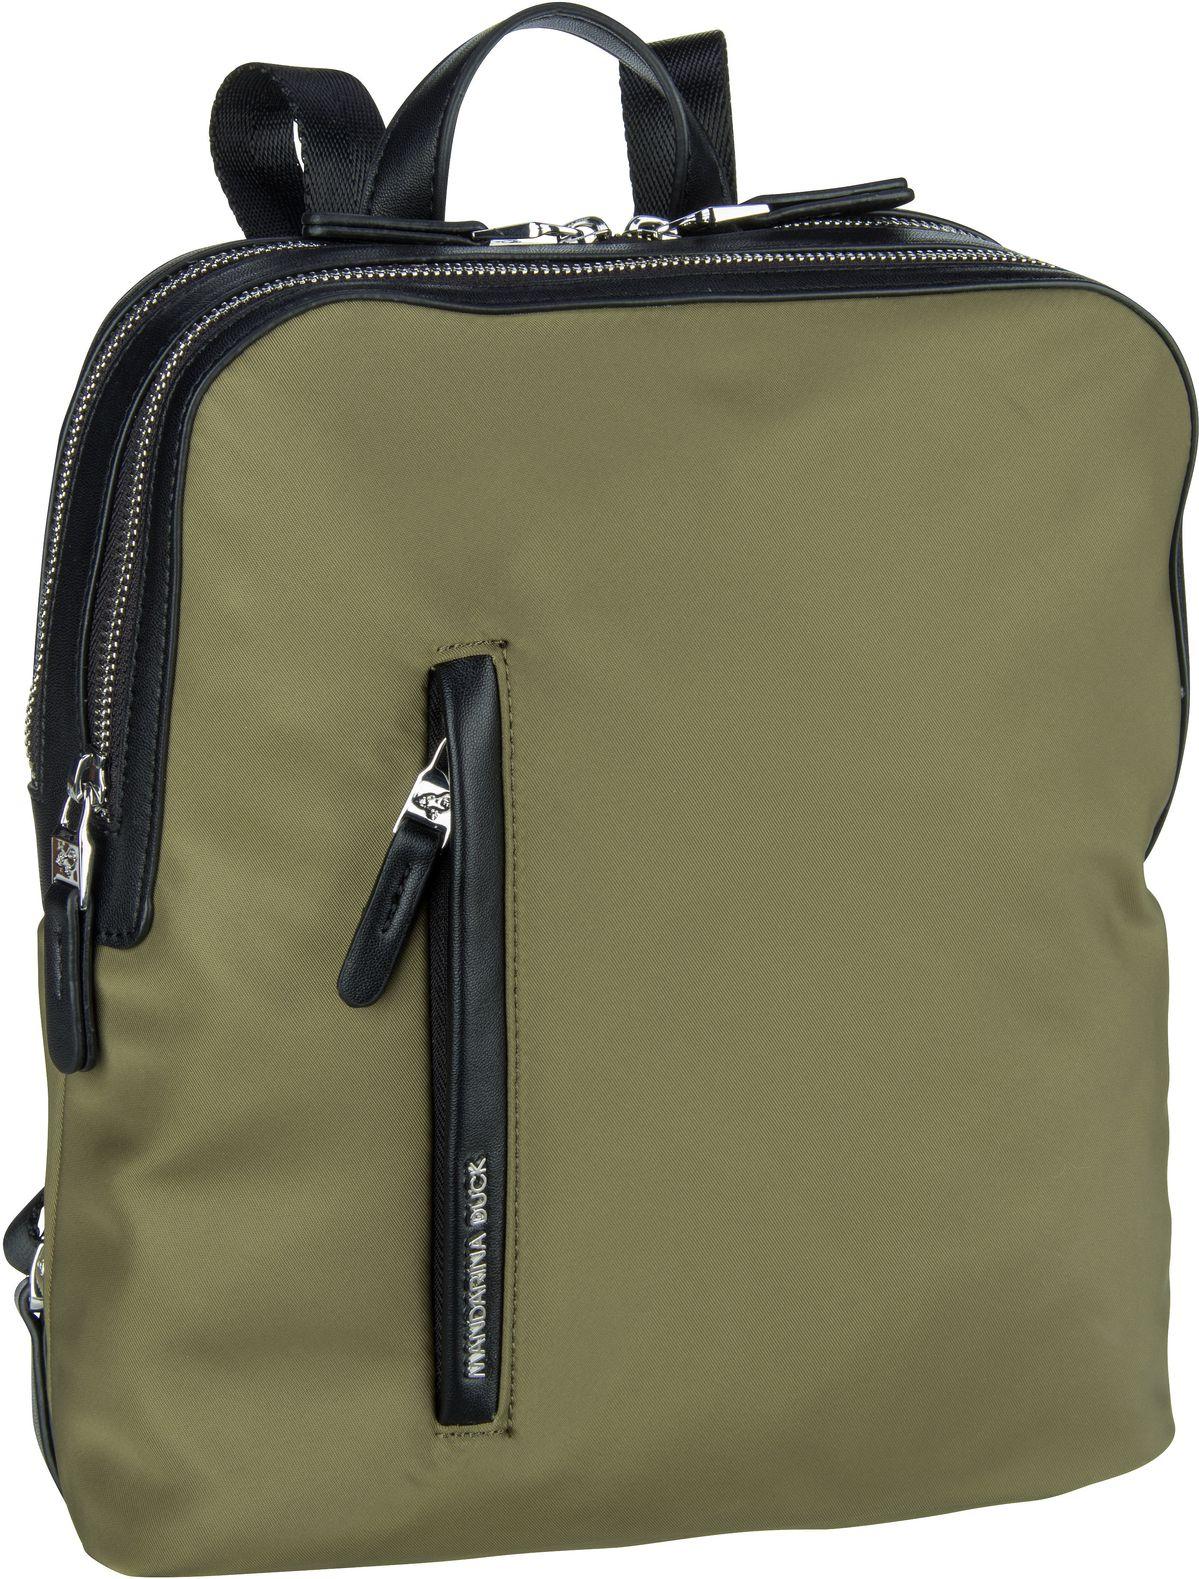 mandarina duck -  Rucksack / Daypack Hunter Small Backpack VCT08 Elmwood